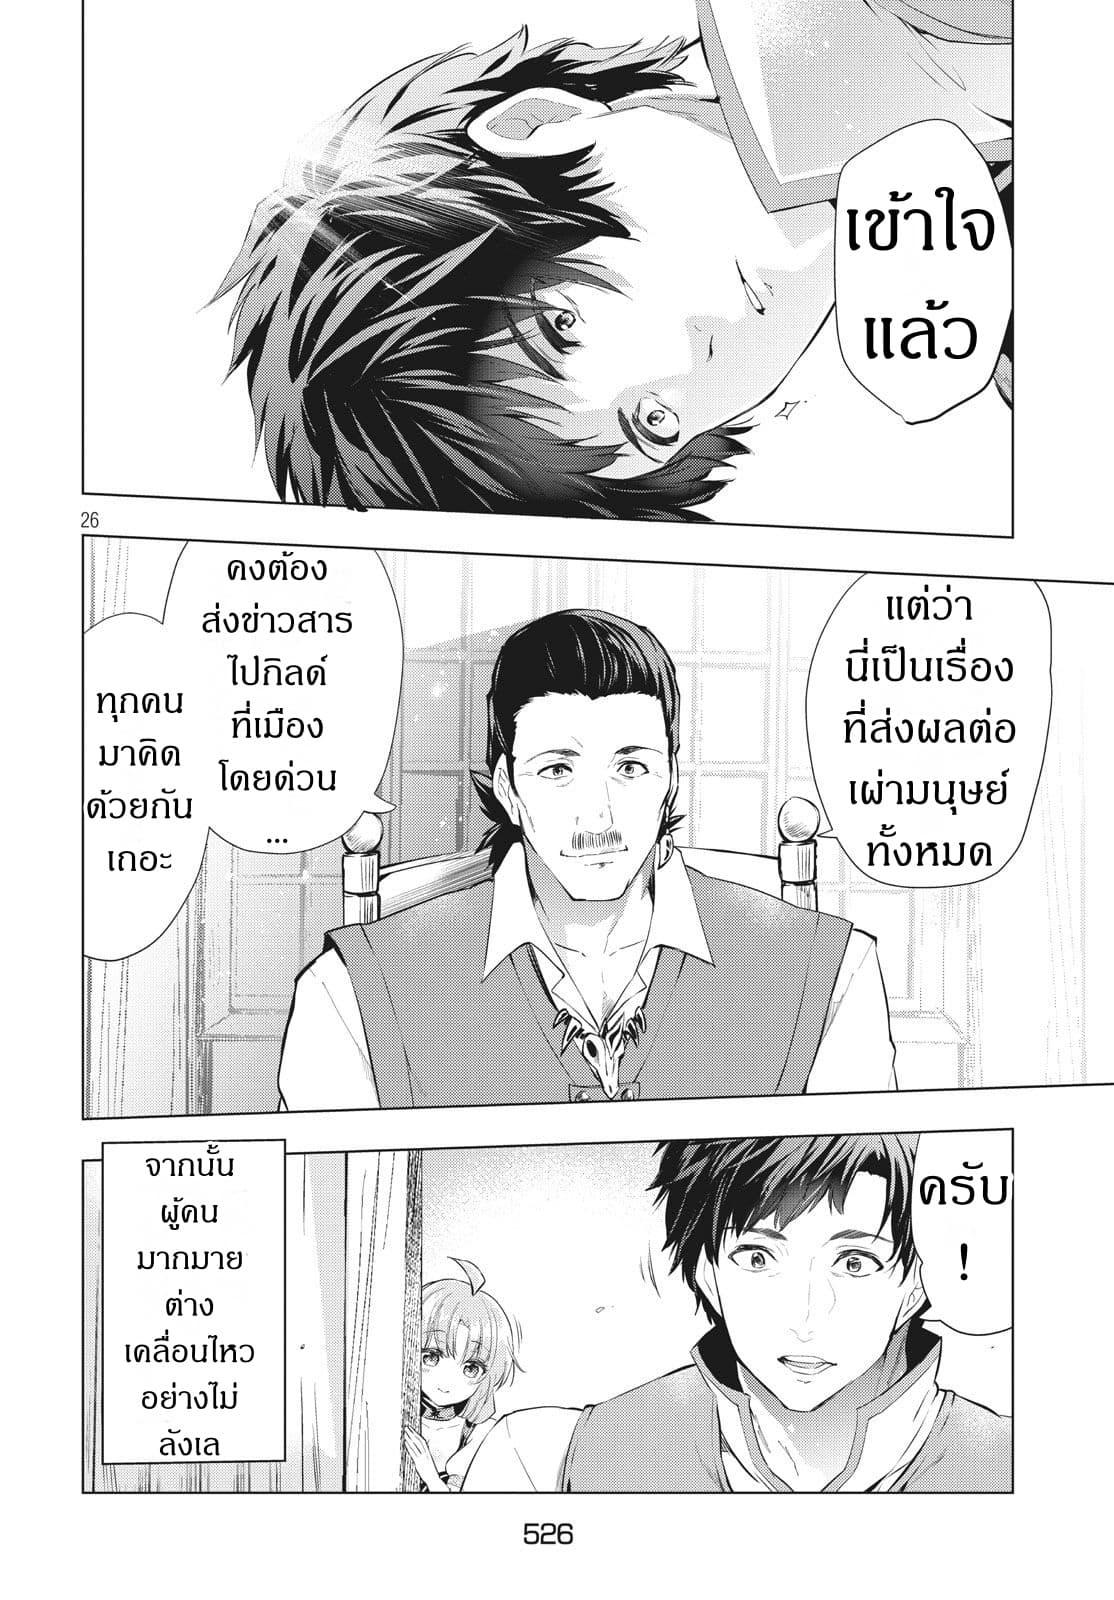 อ่านการ์ตูน Kaiko sareta Ankoku Heishi (30-dai) no Slow na Second ตอนที่ 6.2 หน้าที่ 8